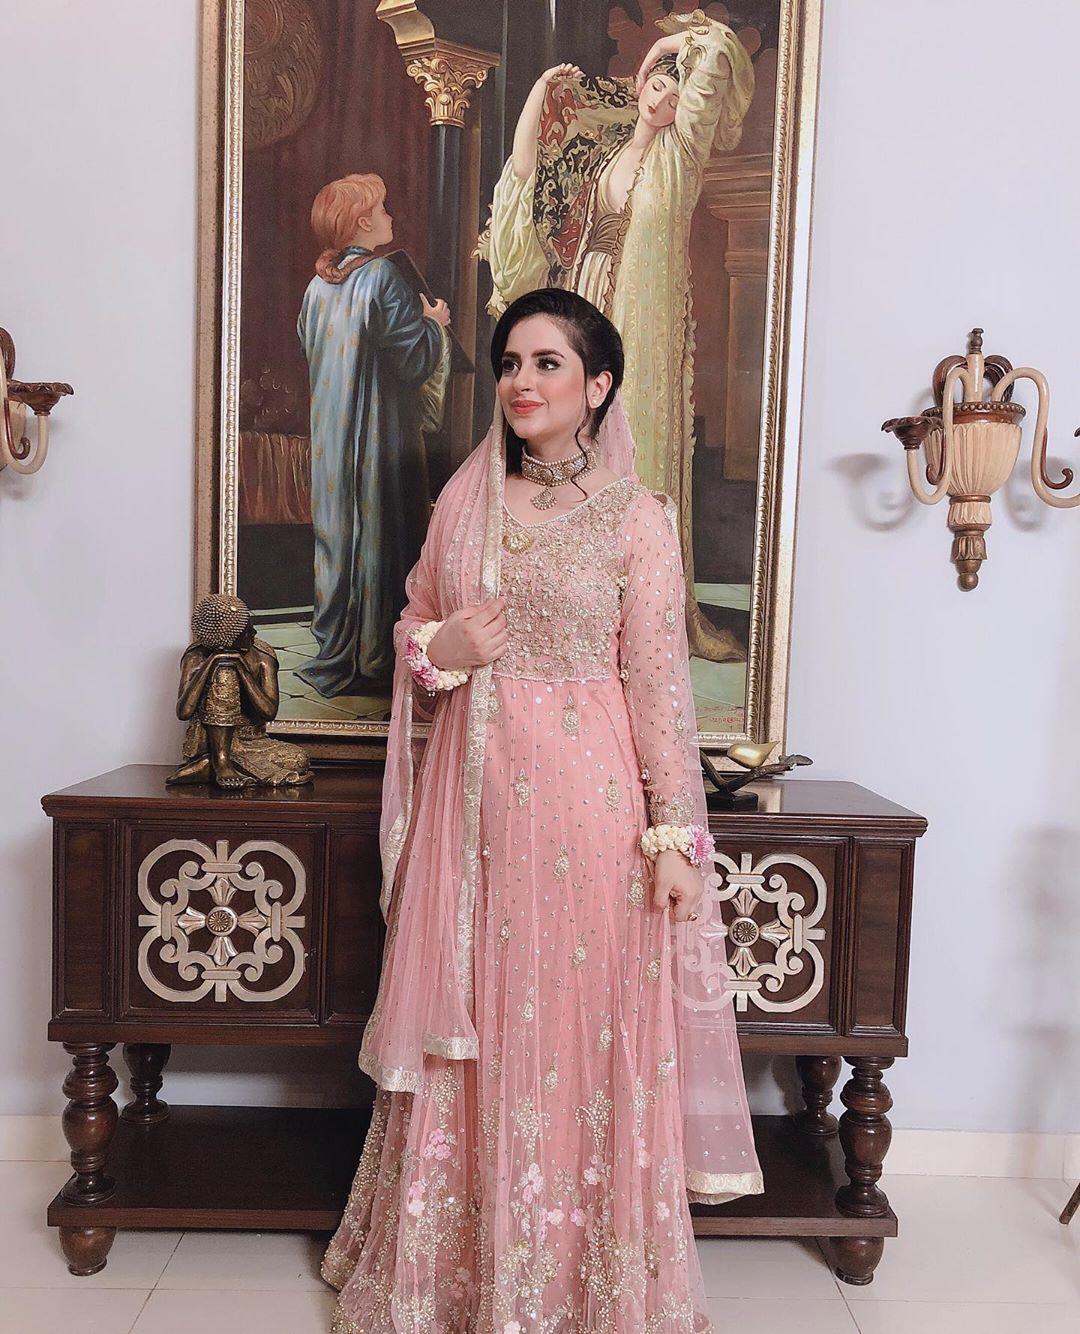 Beautiful Photoshoot of Actress Fatima Effendi